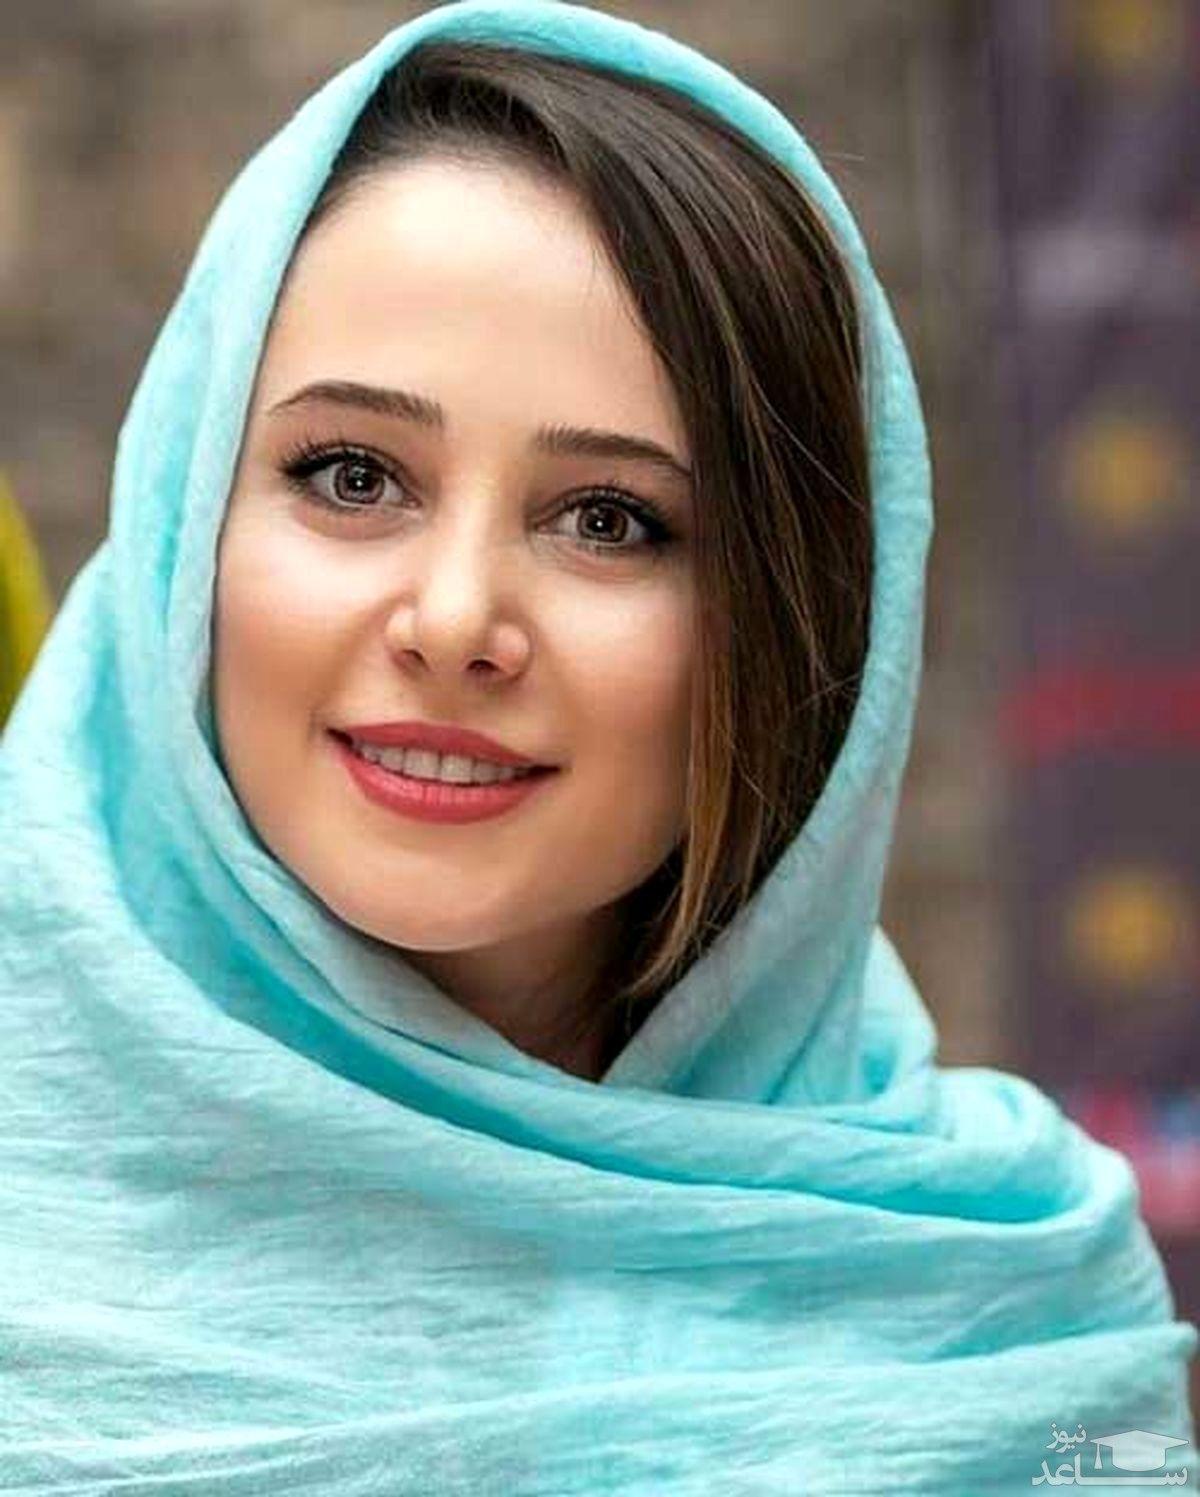 تغییر چهره زیاد الناز حبیبی با گریم + عکس